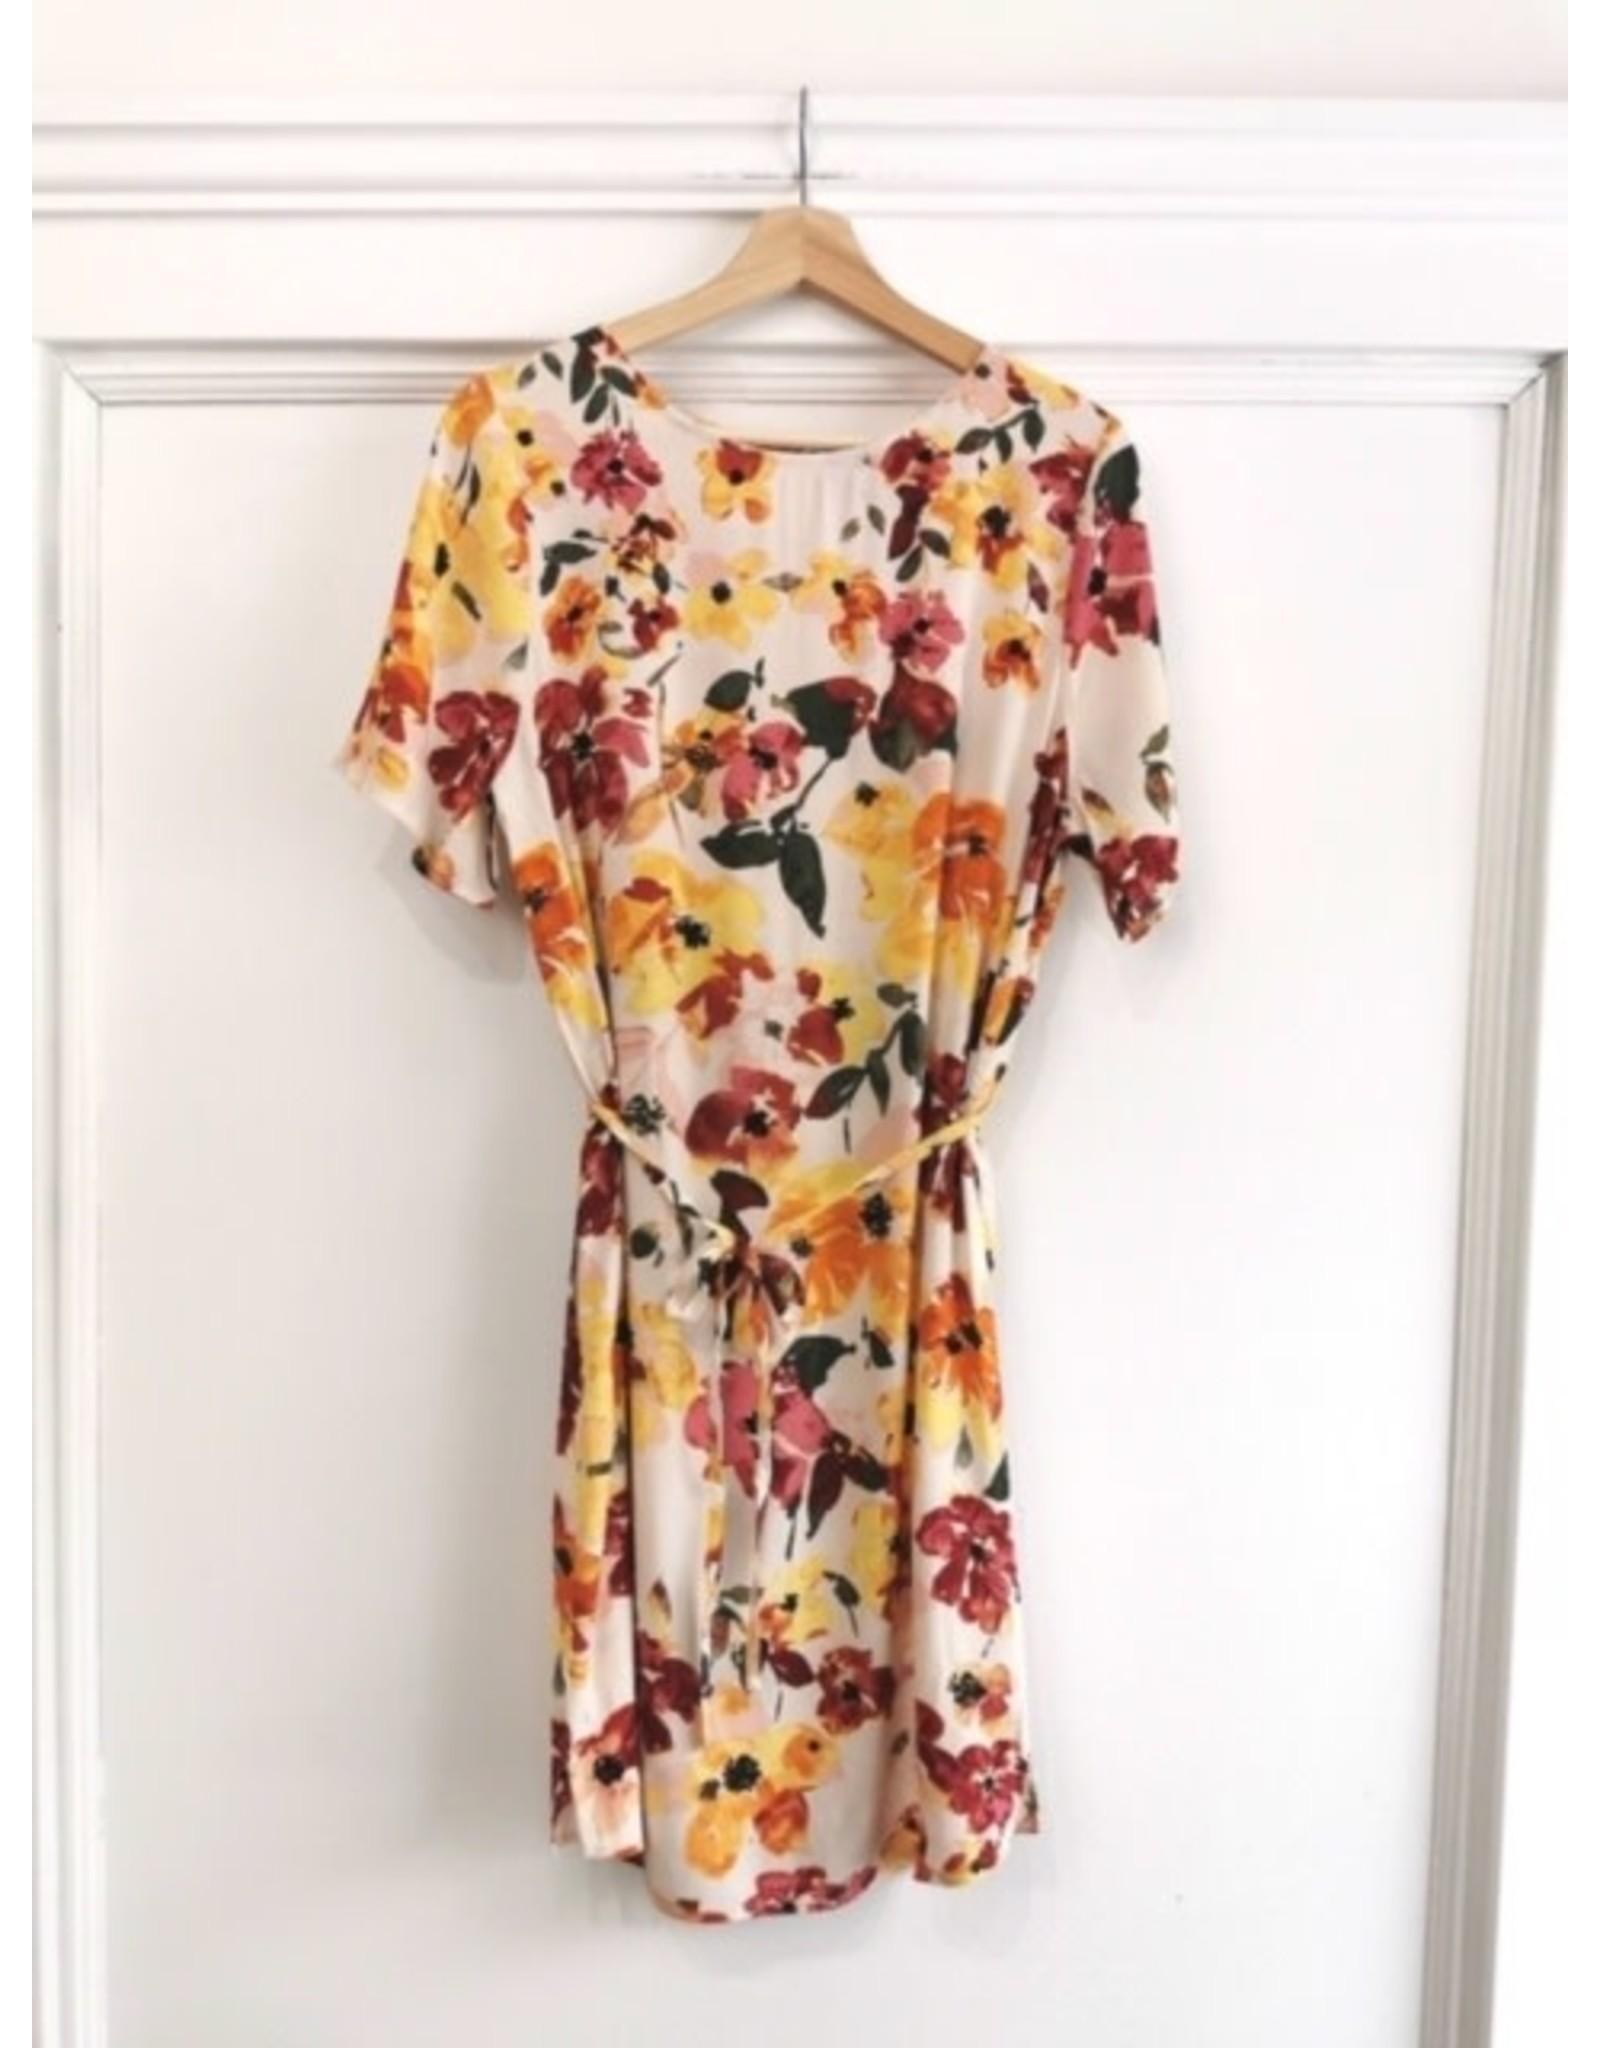 ICHI ICHI - BRUNSA dress (tapioca)